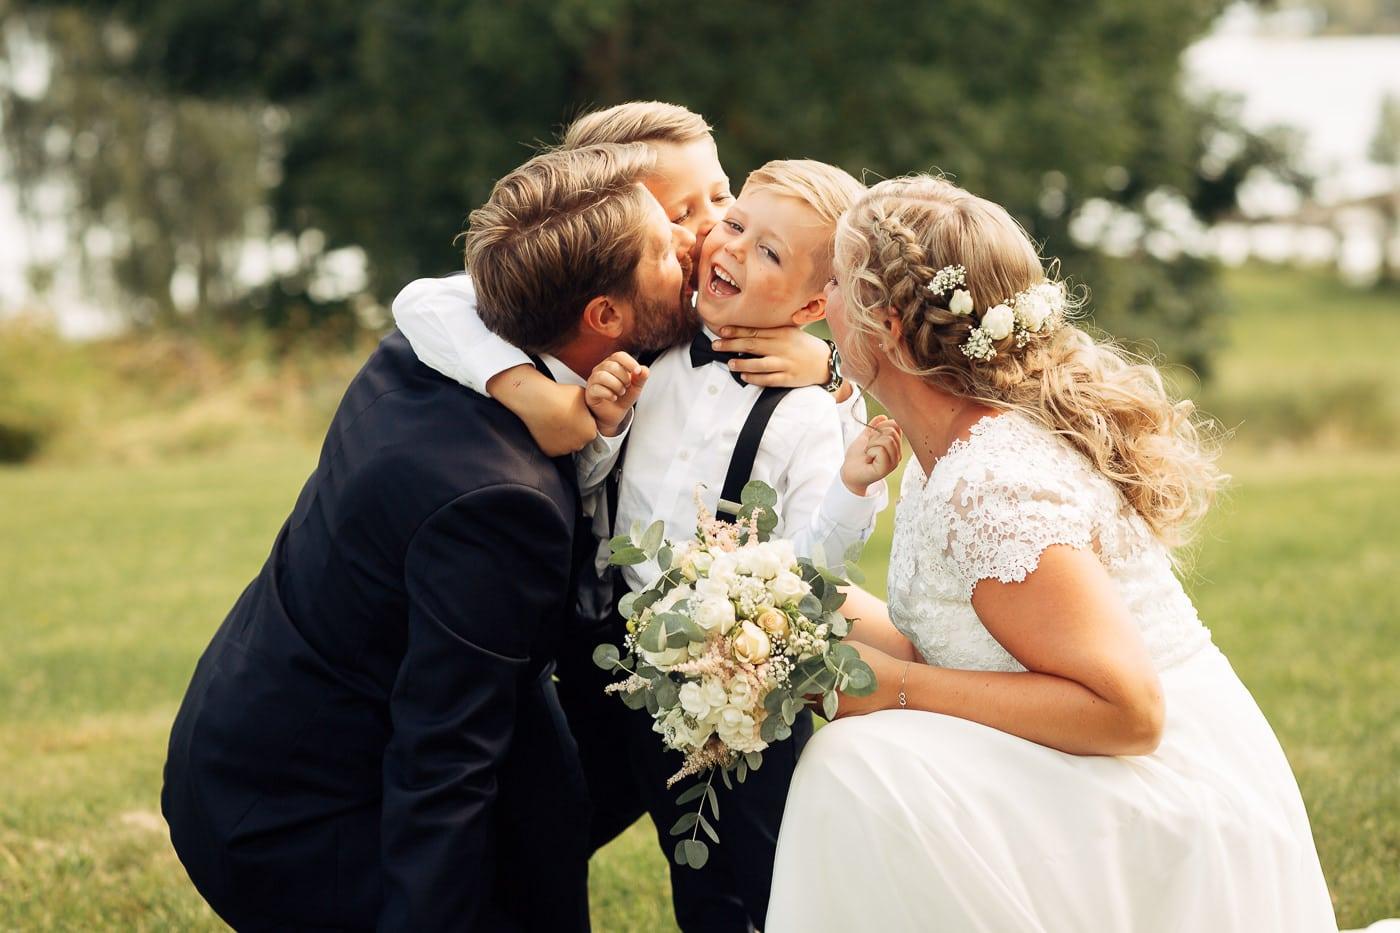 Linn & Frank - rørende og vakkert låvebryllup i Minnesund Bryllupsbilder Minnesund Eidsvoll 35 Brudepar